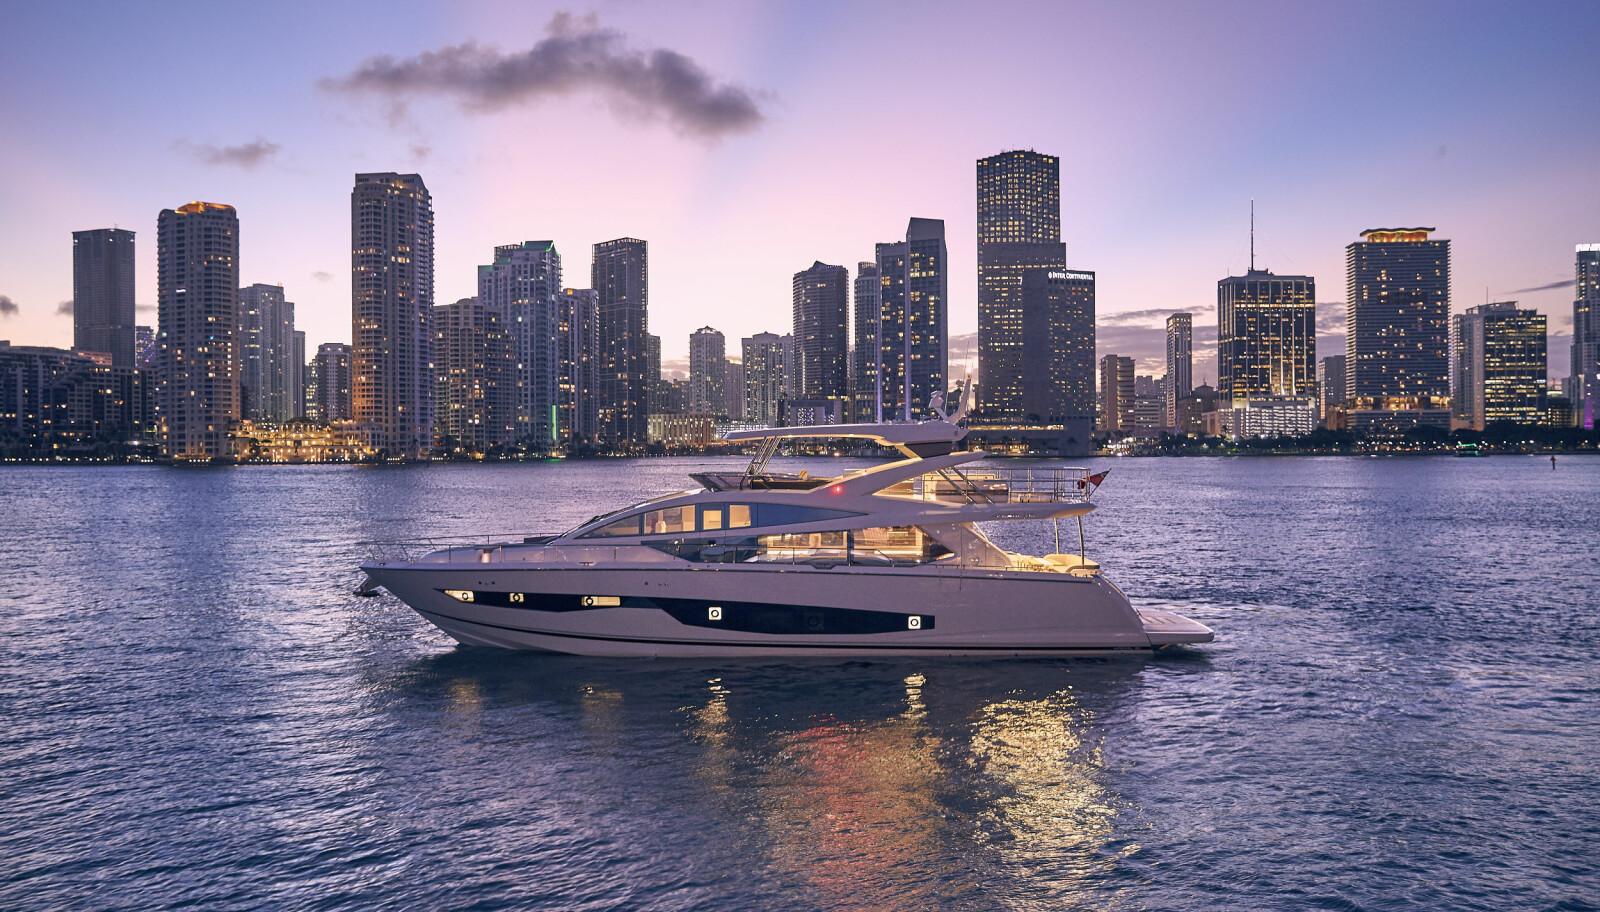 KVELD: En viktig del av yachtdesign er å få båten til å virke imponerende også når solen har gått ned.